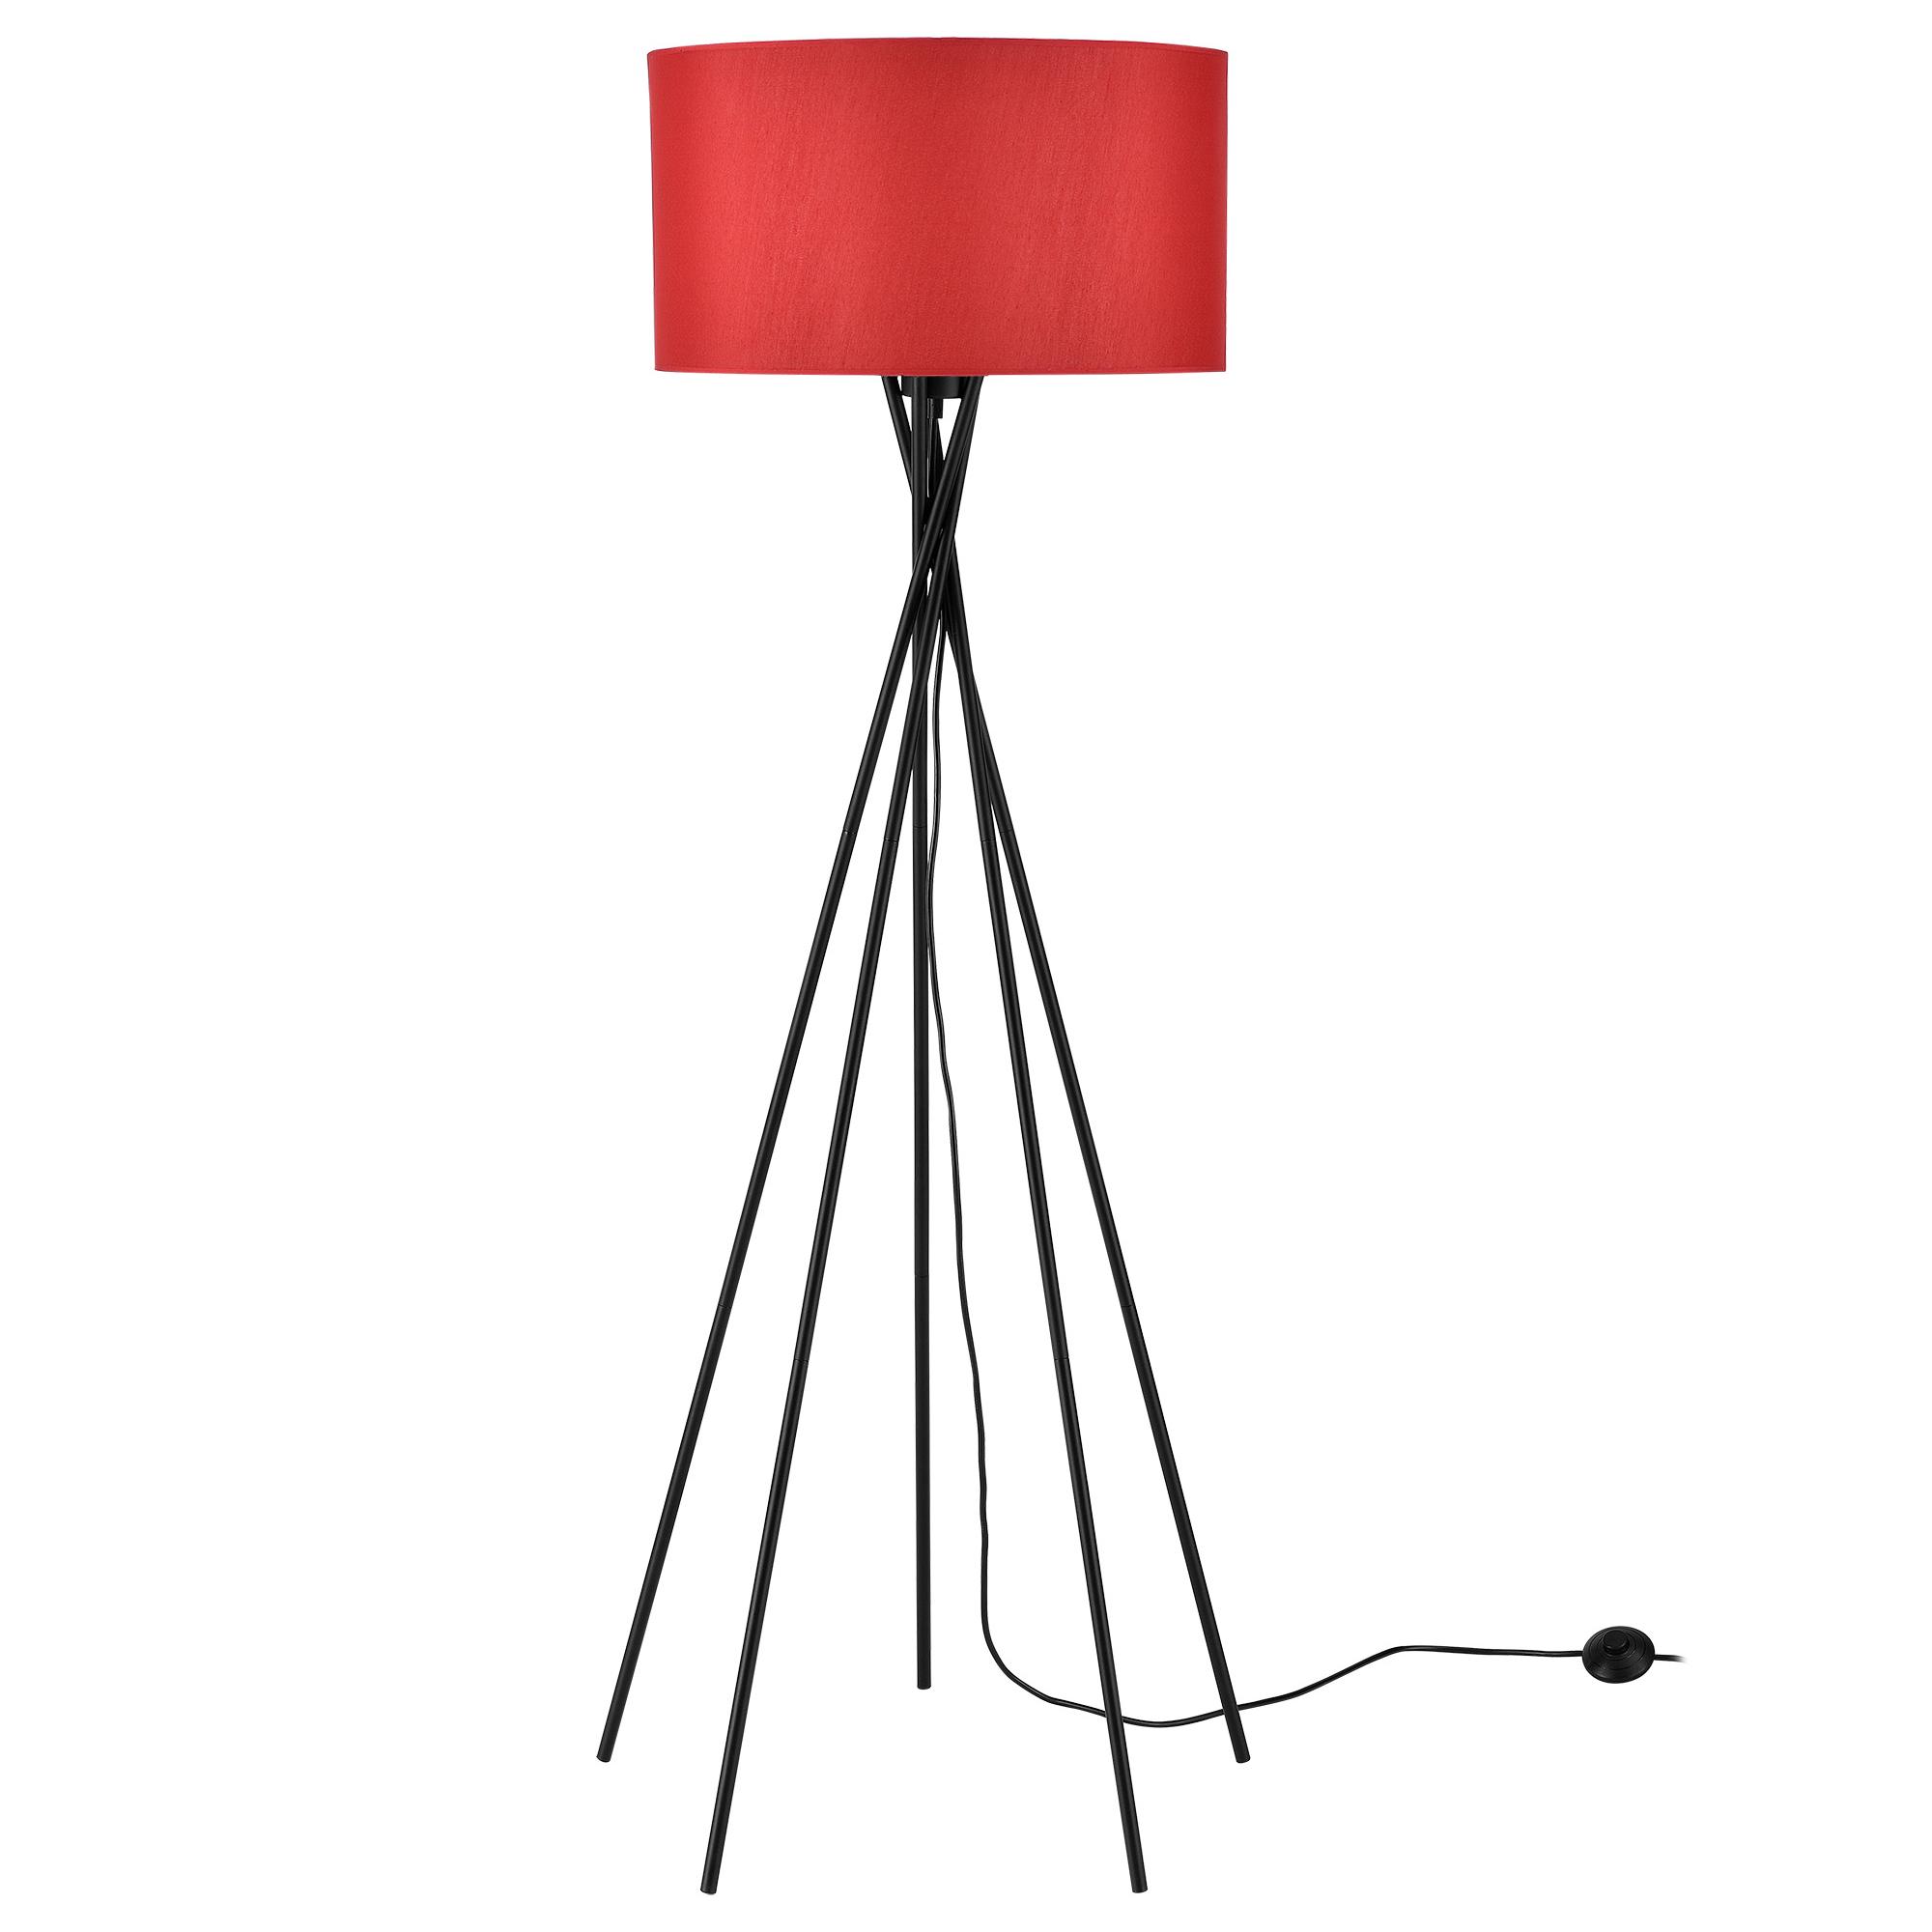 [lux.pro]® Lampa de podea eleganta – Red Mikado 1 x E 27 – 60W – rosu / negru